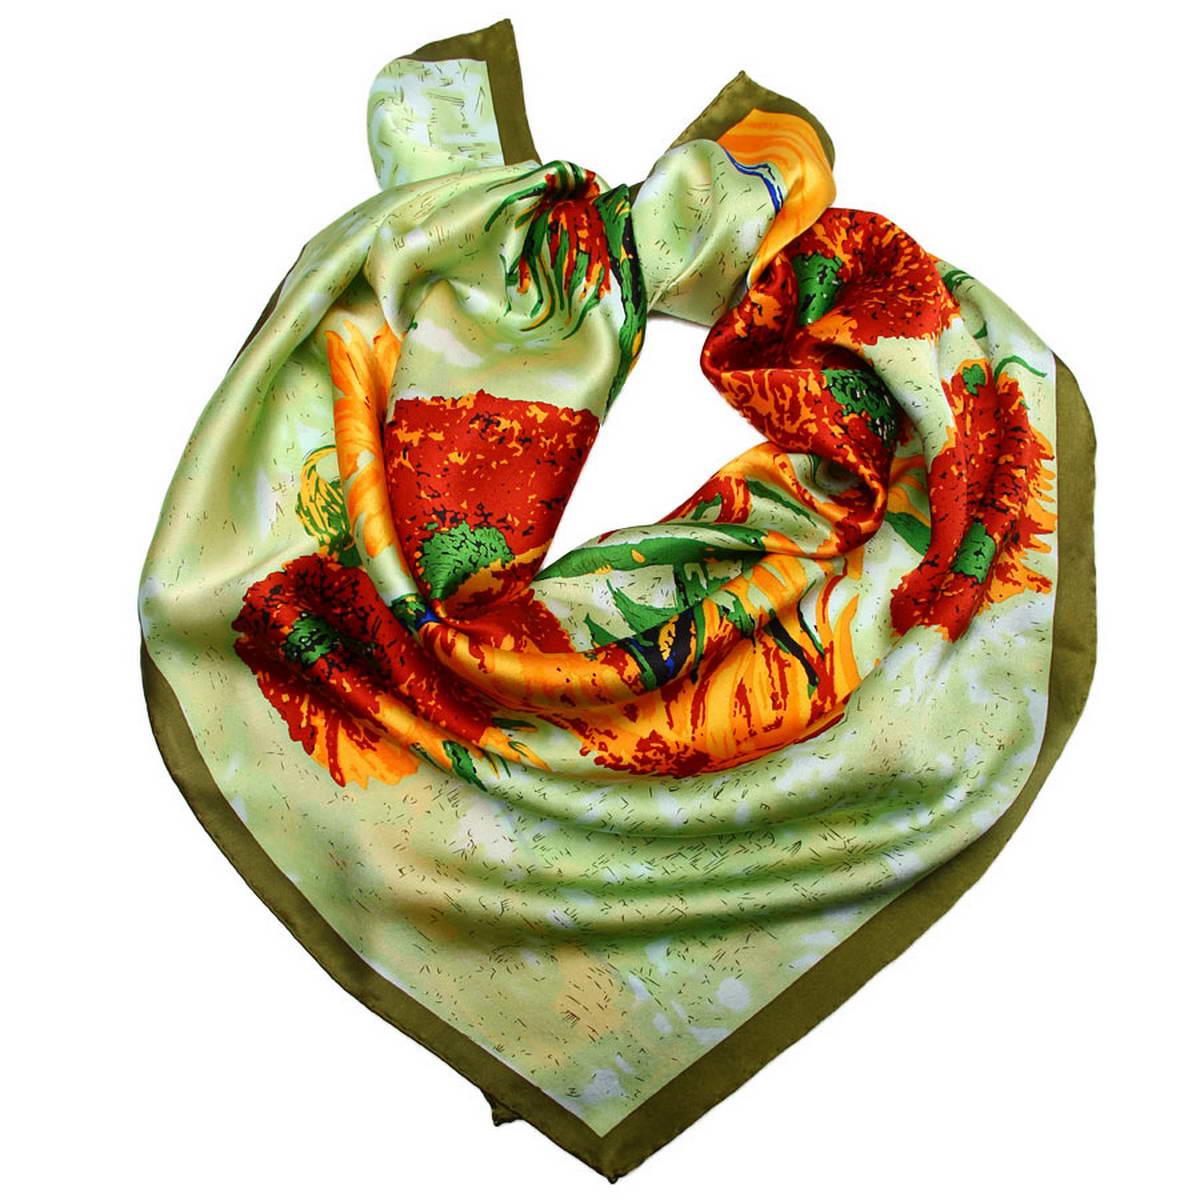 Платок1810912-11Стильный женский платок Venera станет великолепным завершением любого наряда. Платок, изготовленный из 100% шелка, оформлен изображением картины Винсента Ван Гога Натюрморт с подсолнухами в вазе. Классическая квадратная форма позволяет носить платок на шее, украшать им прическу или декорировать сумочку. Легкий и приятный на ощупь платок поможет вам создать изысканный женственный образ. Такой платок превосходно дополнит любой наряд и подчеркнет ваш неповторимый вкус и элегантность.